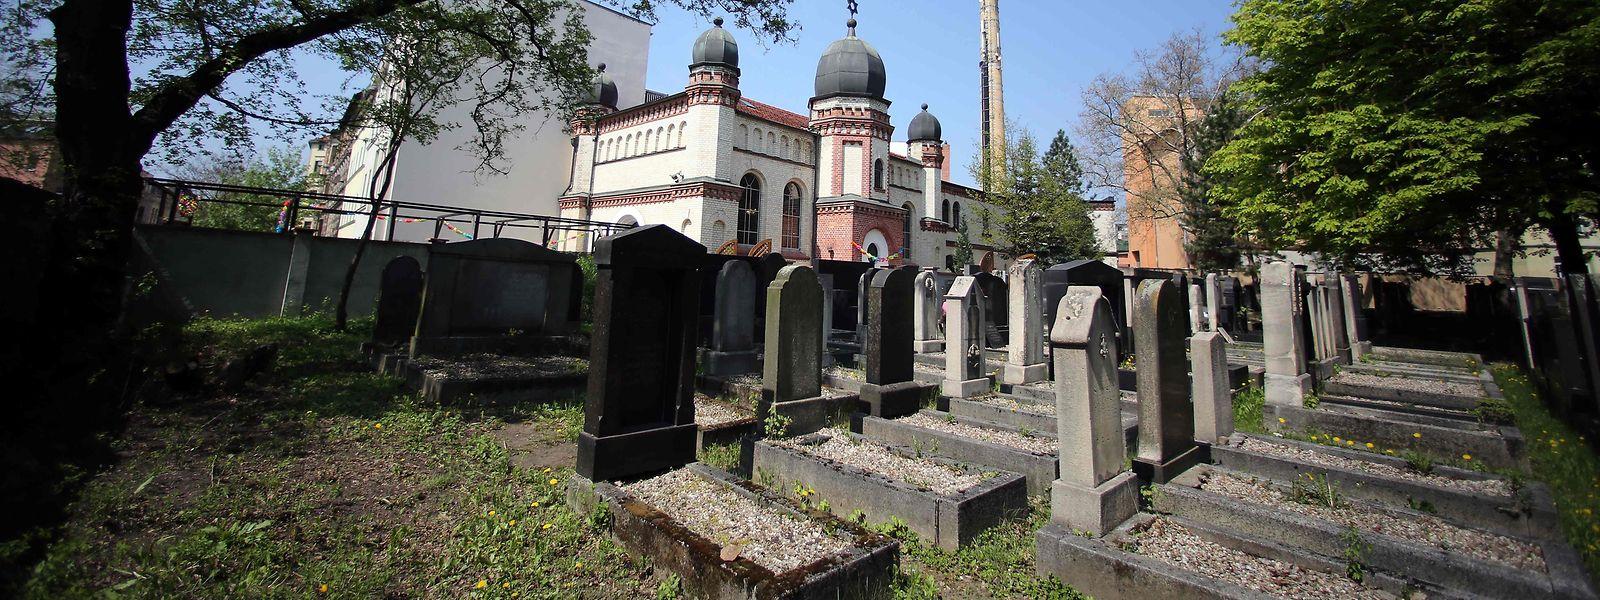 Blick auf den jüdischen Friedhof und die Synagoge in Halle an der Saale, wo sich das Drama am Mittwoch abspielte.